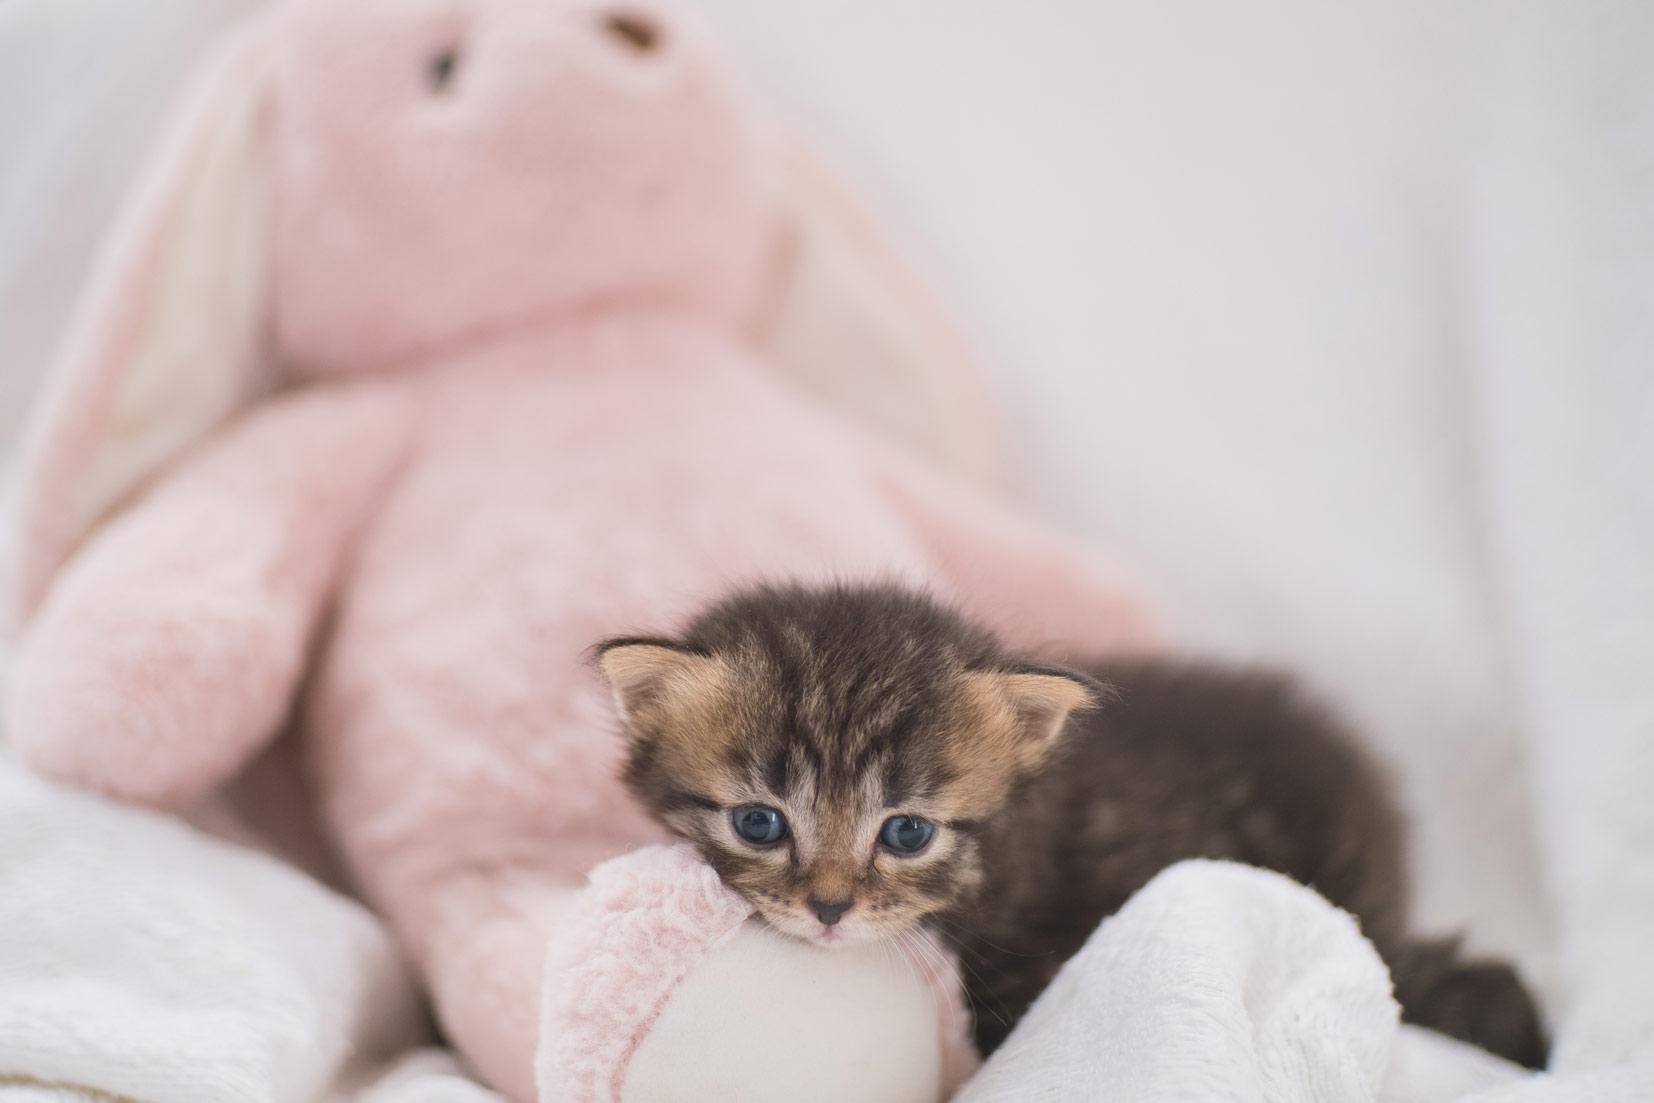 kitten cuddles into stuffed animal